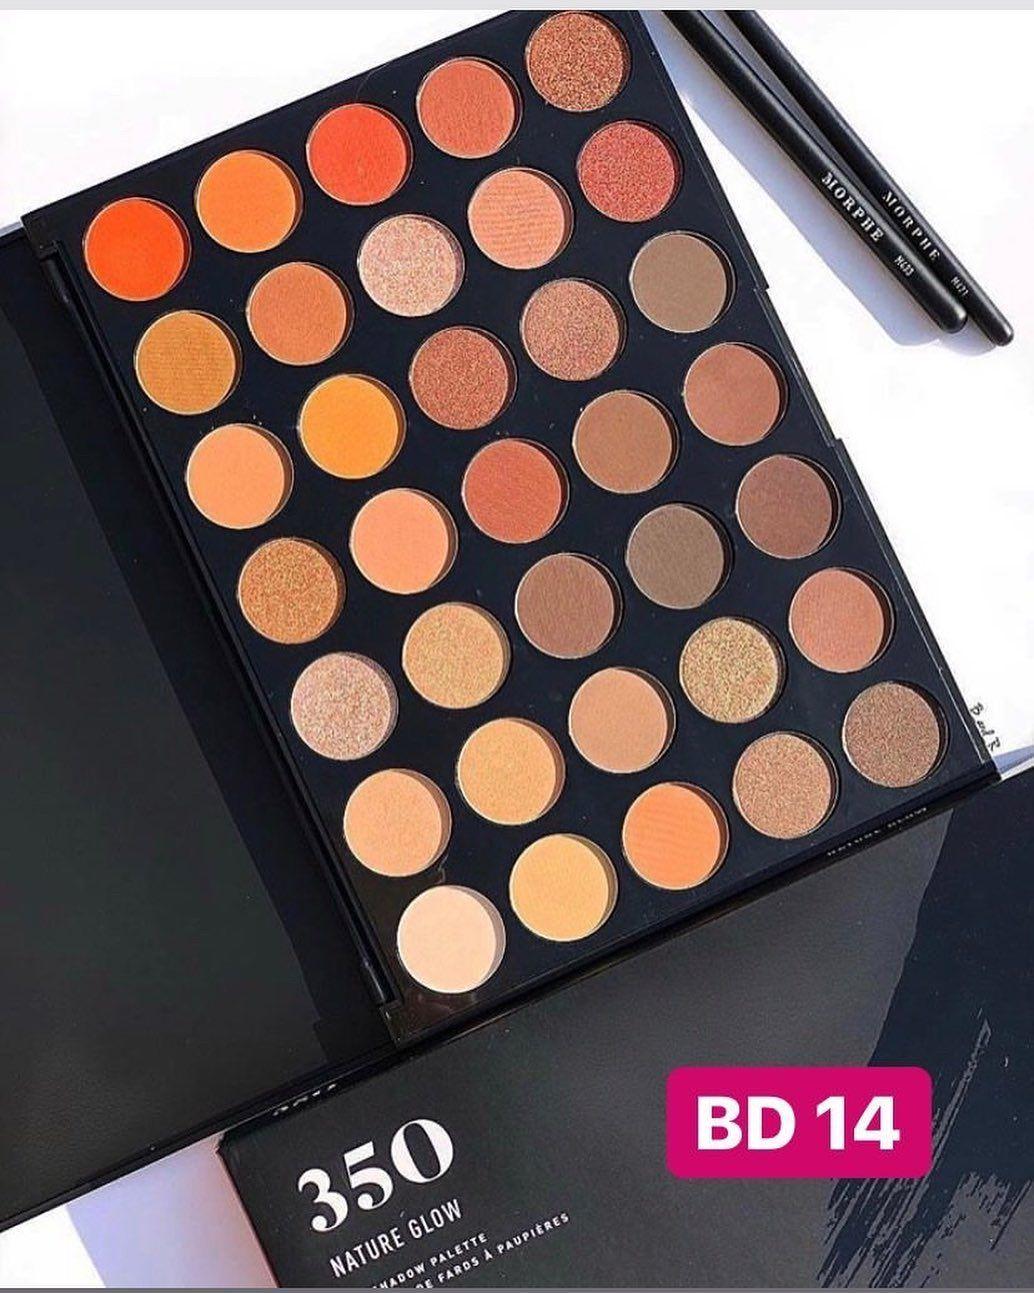 شادو ماركة مورفي الاصلي Original Morphe Palette 100 Available For Immediate Purchase For More Details Con Morphe Eyeshadow Glow Palette Jaclyn Hill Palette